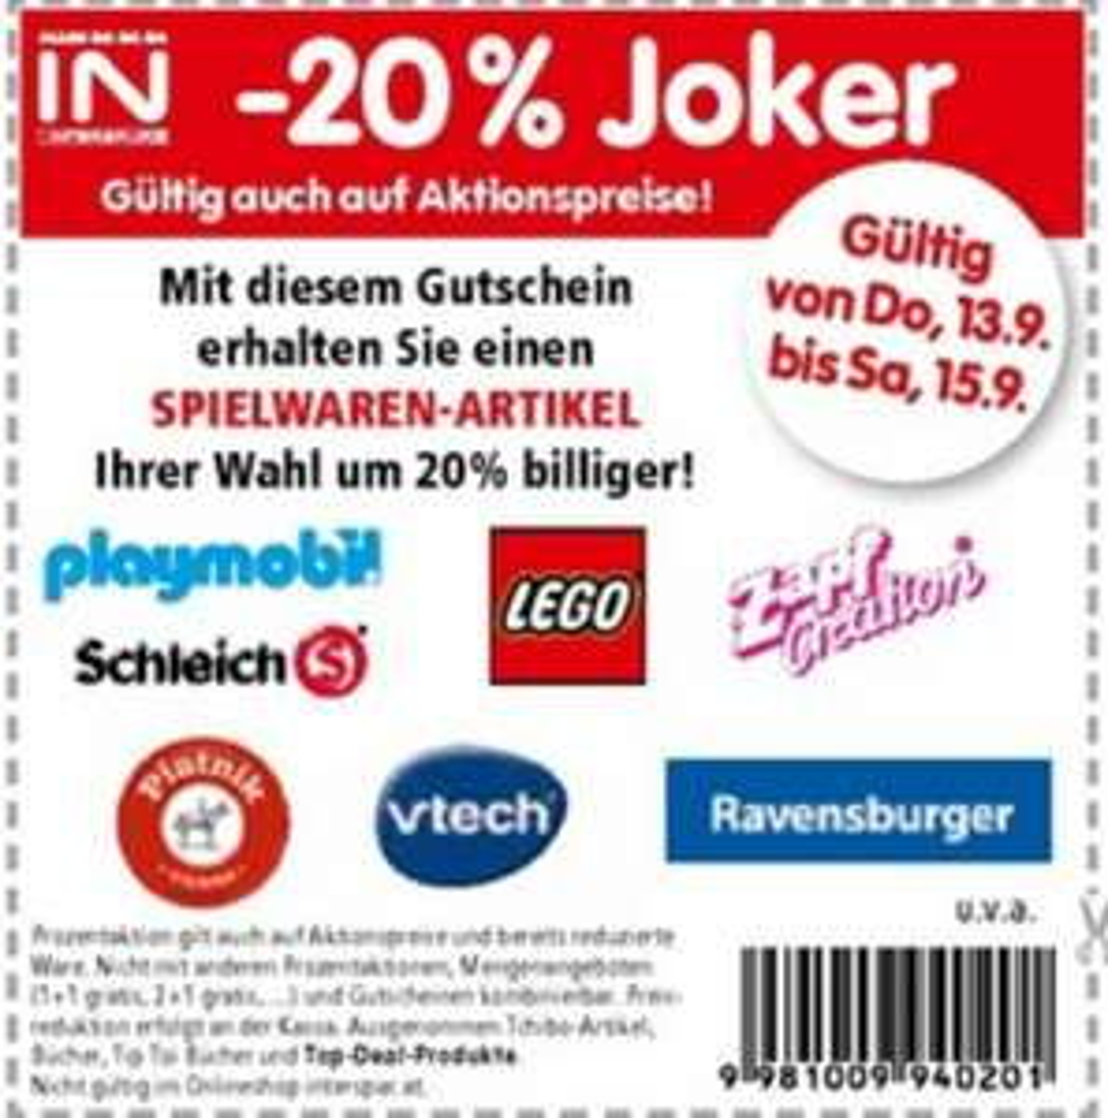 [INTERSPAR] -20% auf einen Spielwaren Artikel wie LEGO, Playmobil, Ravensburger, usw.